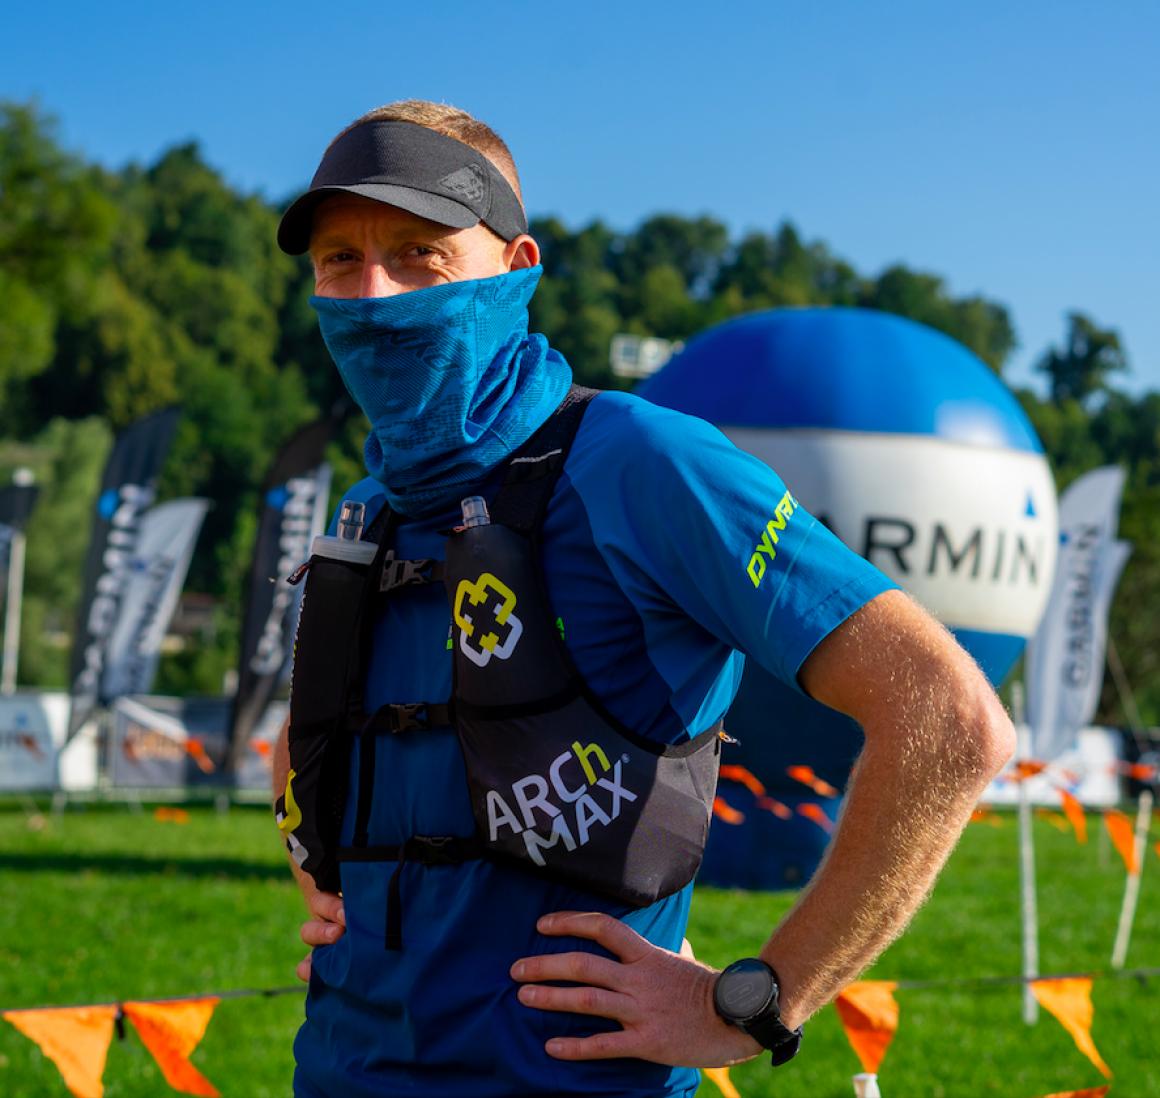 Garmin Półmaraton Gdańsk